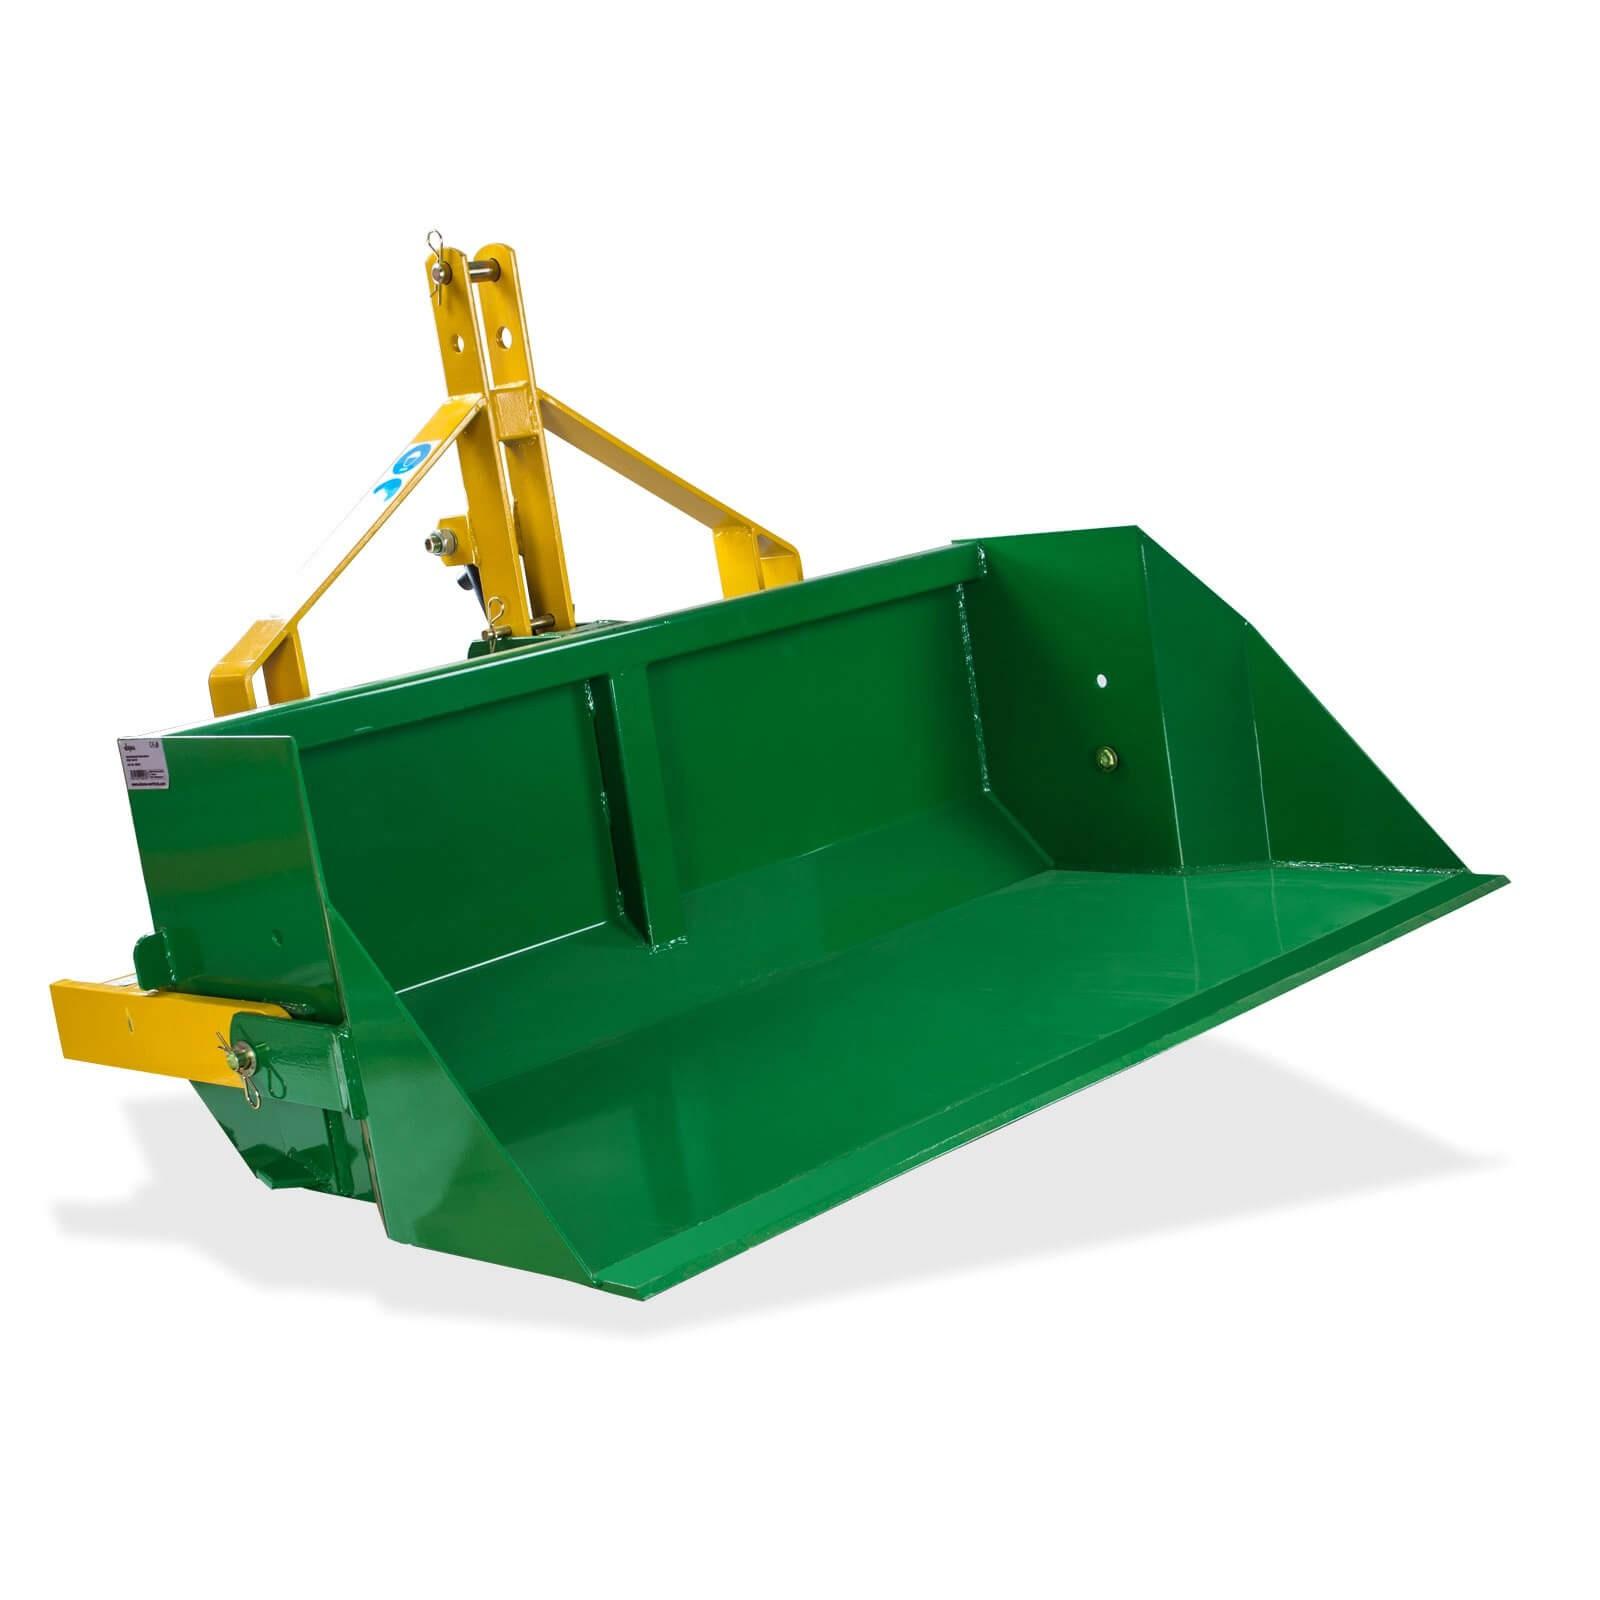 Dema Traktor Heckschaufel Hydraulik Schaufel hydraulisch 400kg 52576